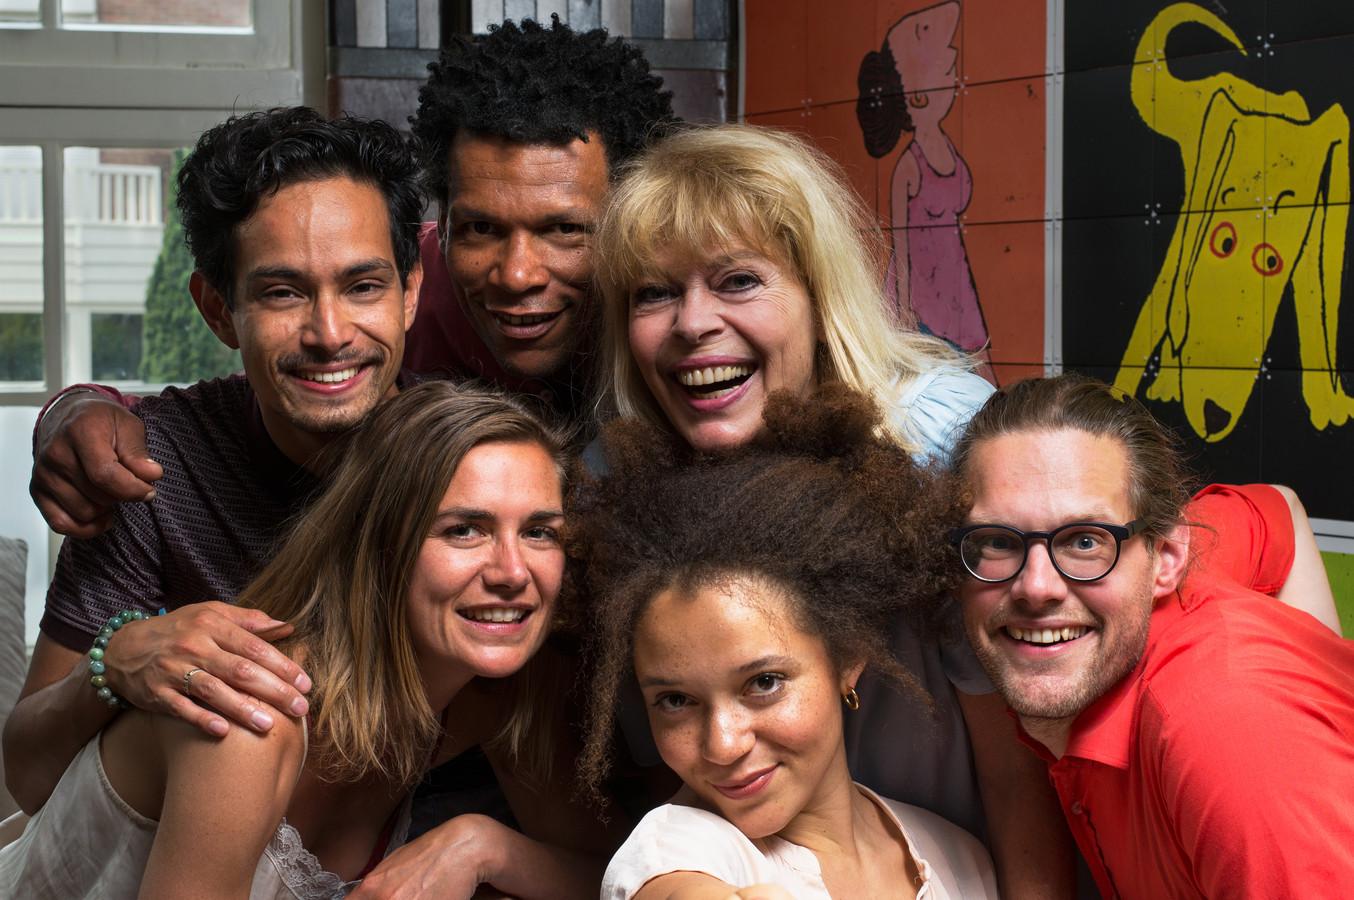 Een deel van de cast van 'De familie van Nielie' van jeugdtheatergroep Kwatta. Bovenste rij (vlnr): Roben Mitchell, Gustav Borreman, Lieneke le Roux. Onderste rij: Marieke van Leeuwen, Jade Olieberg, Joost Dekker.